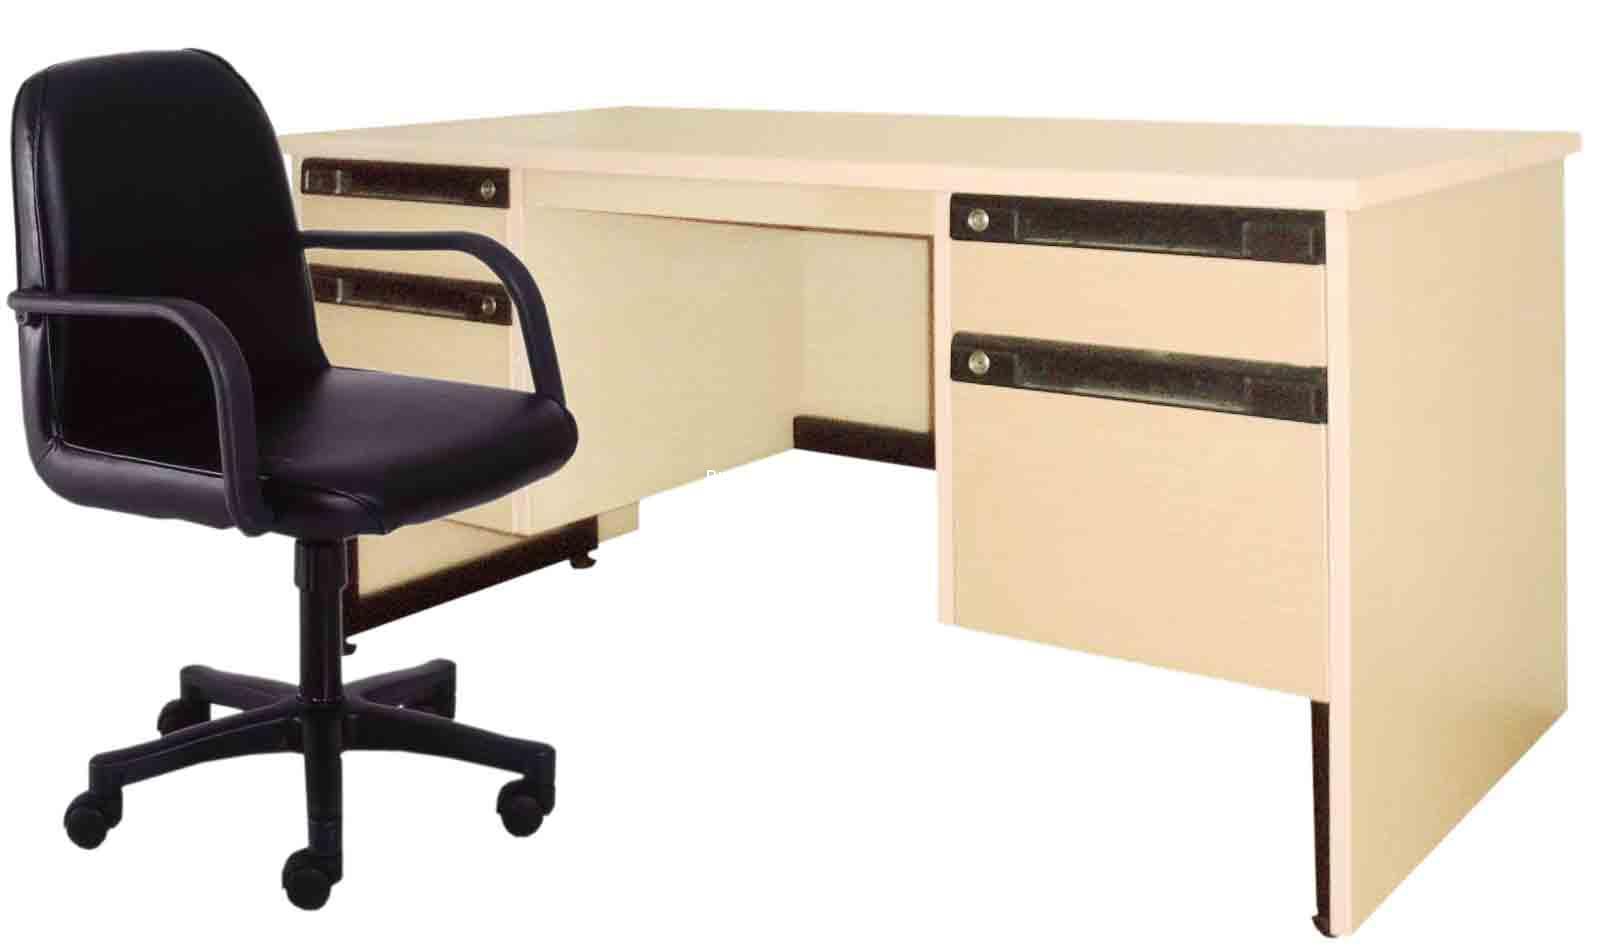 S01 โต๊ะทำงานบรรณารักษ์พร้อมเก้าอี้